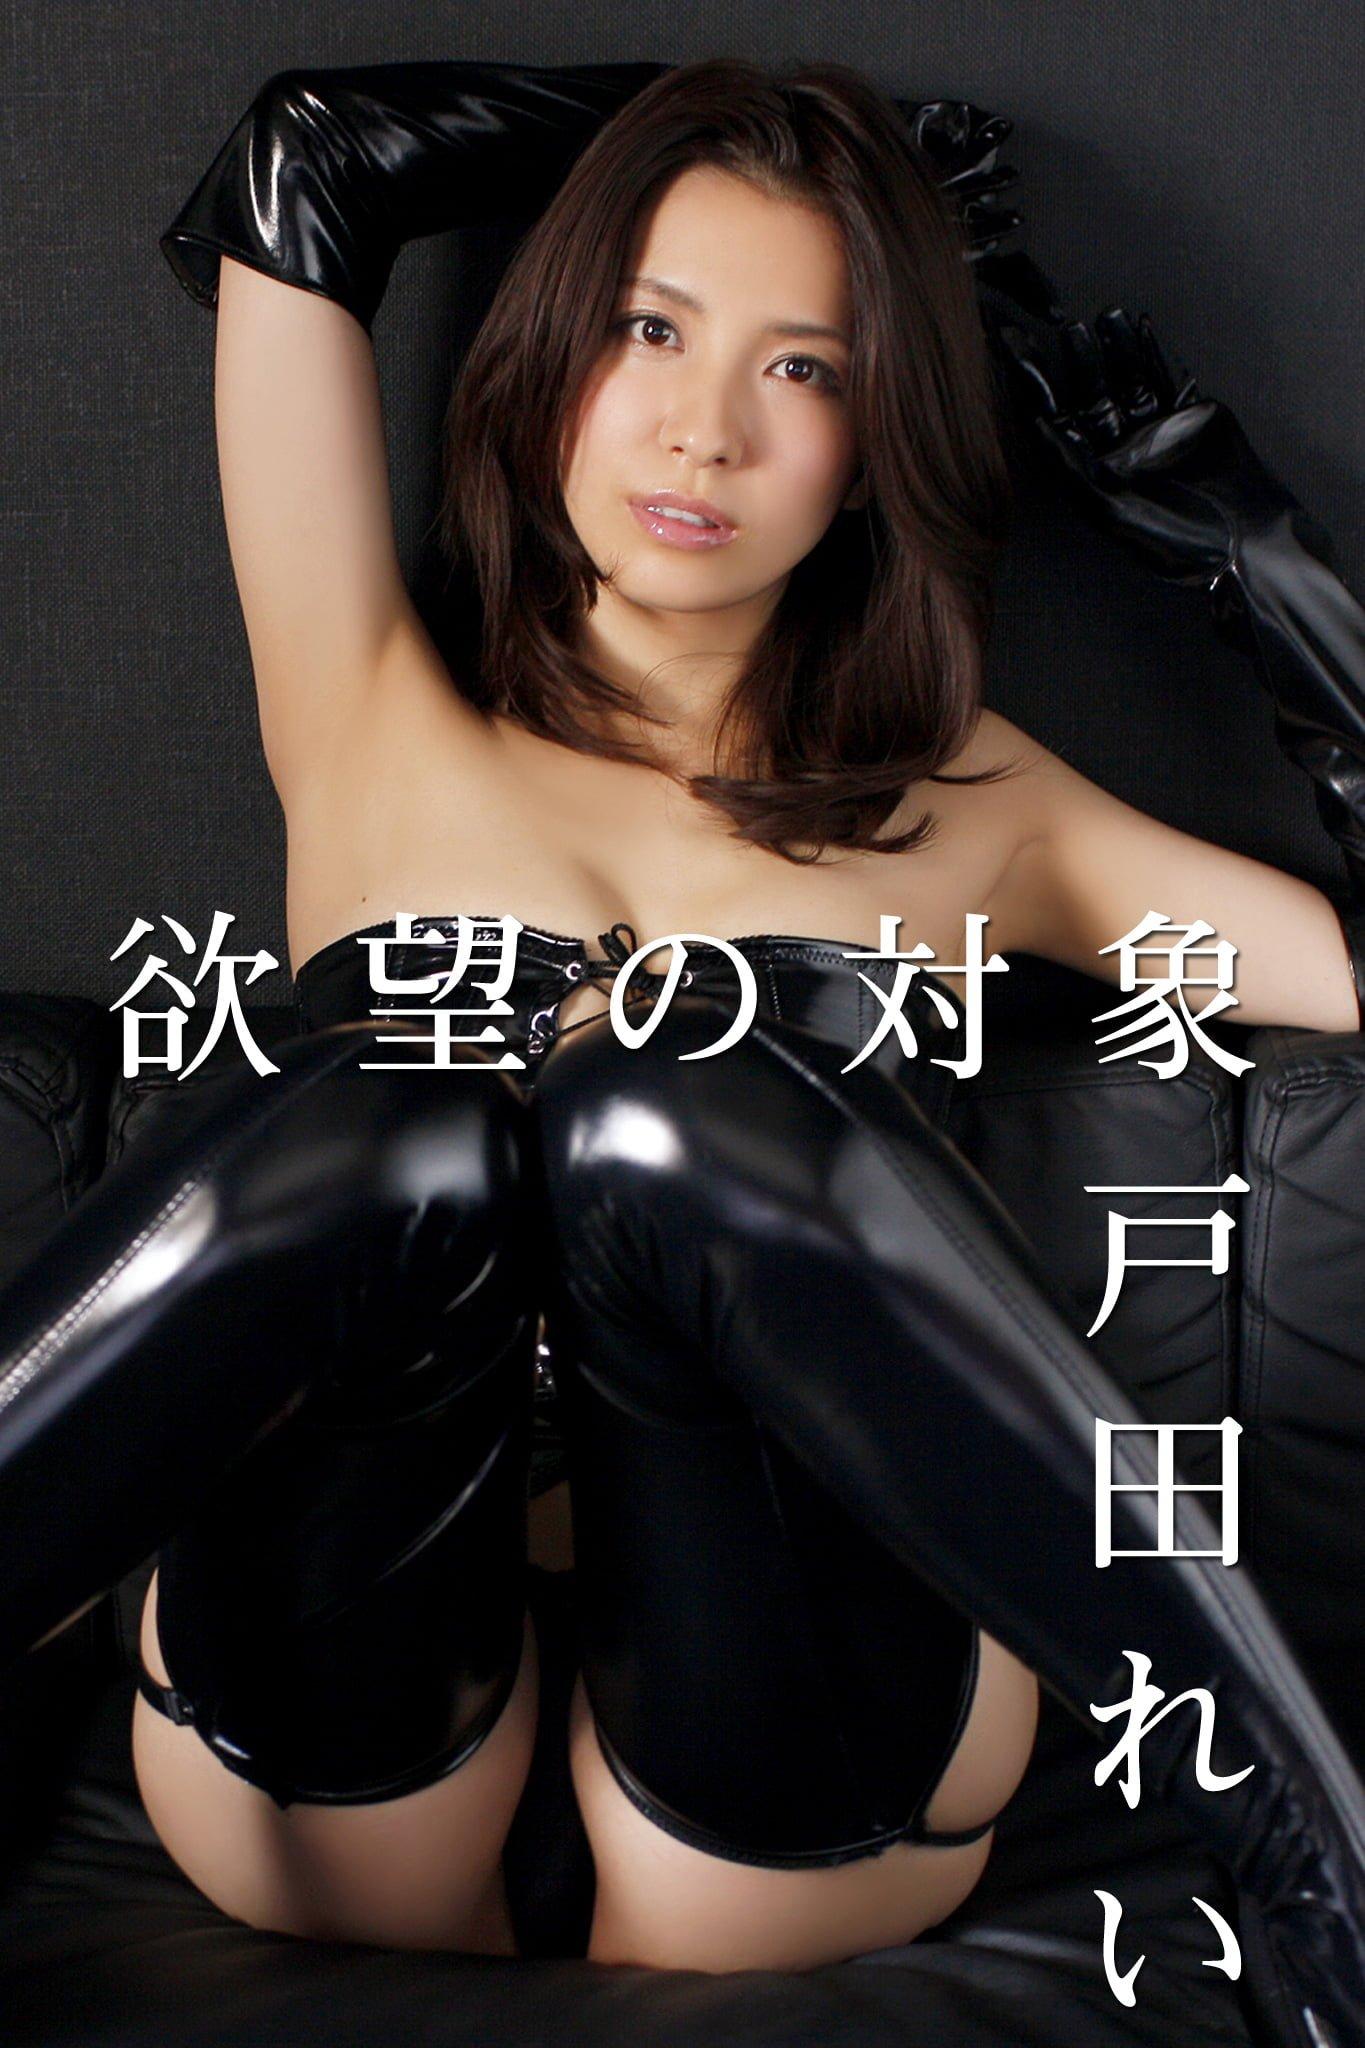 グラビアアイドル写真集 日本一の美尻の持ち主の戸田れいちゃんのグラビアまとめパート3 50枚Number201-251